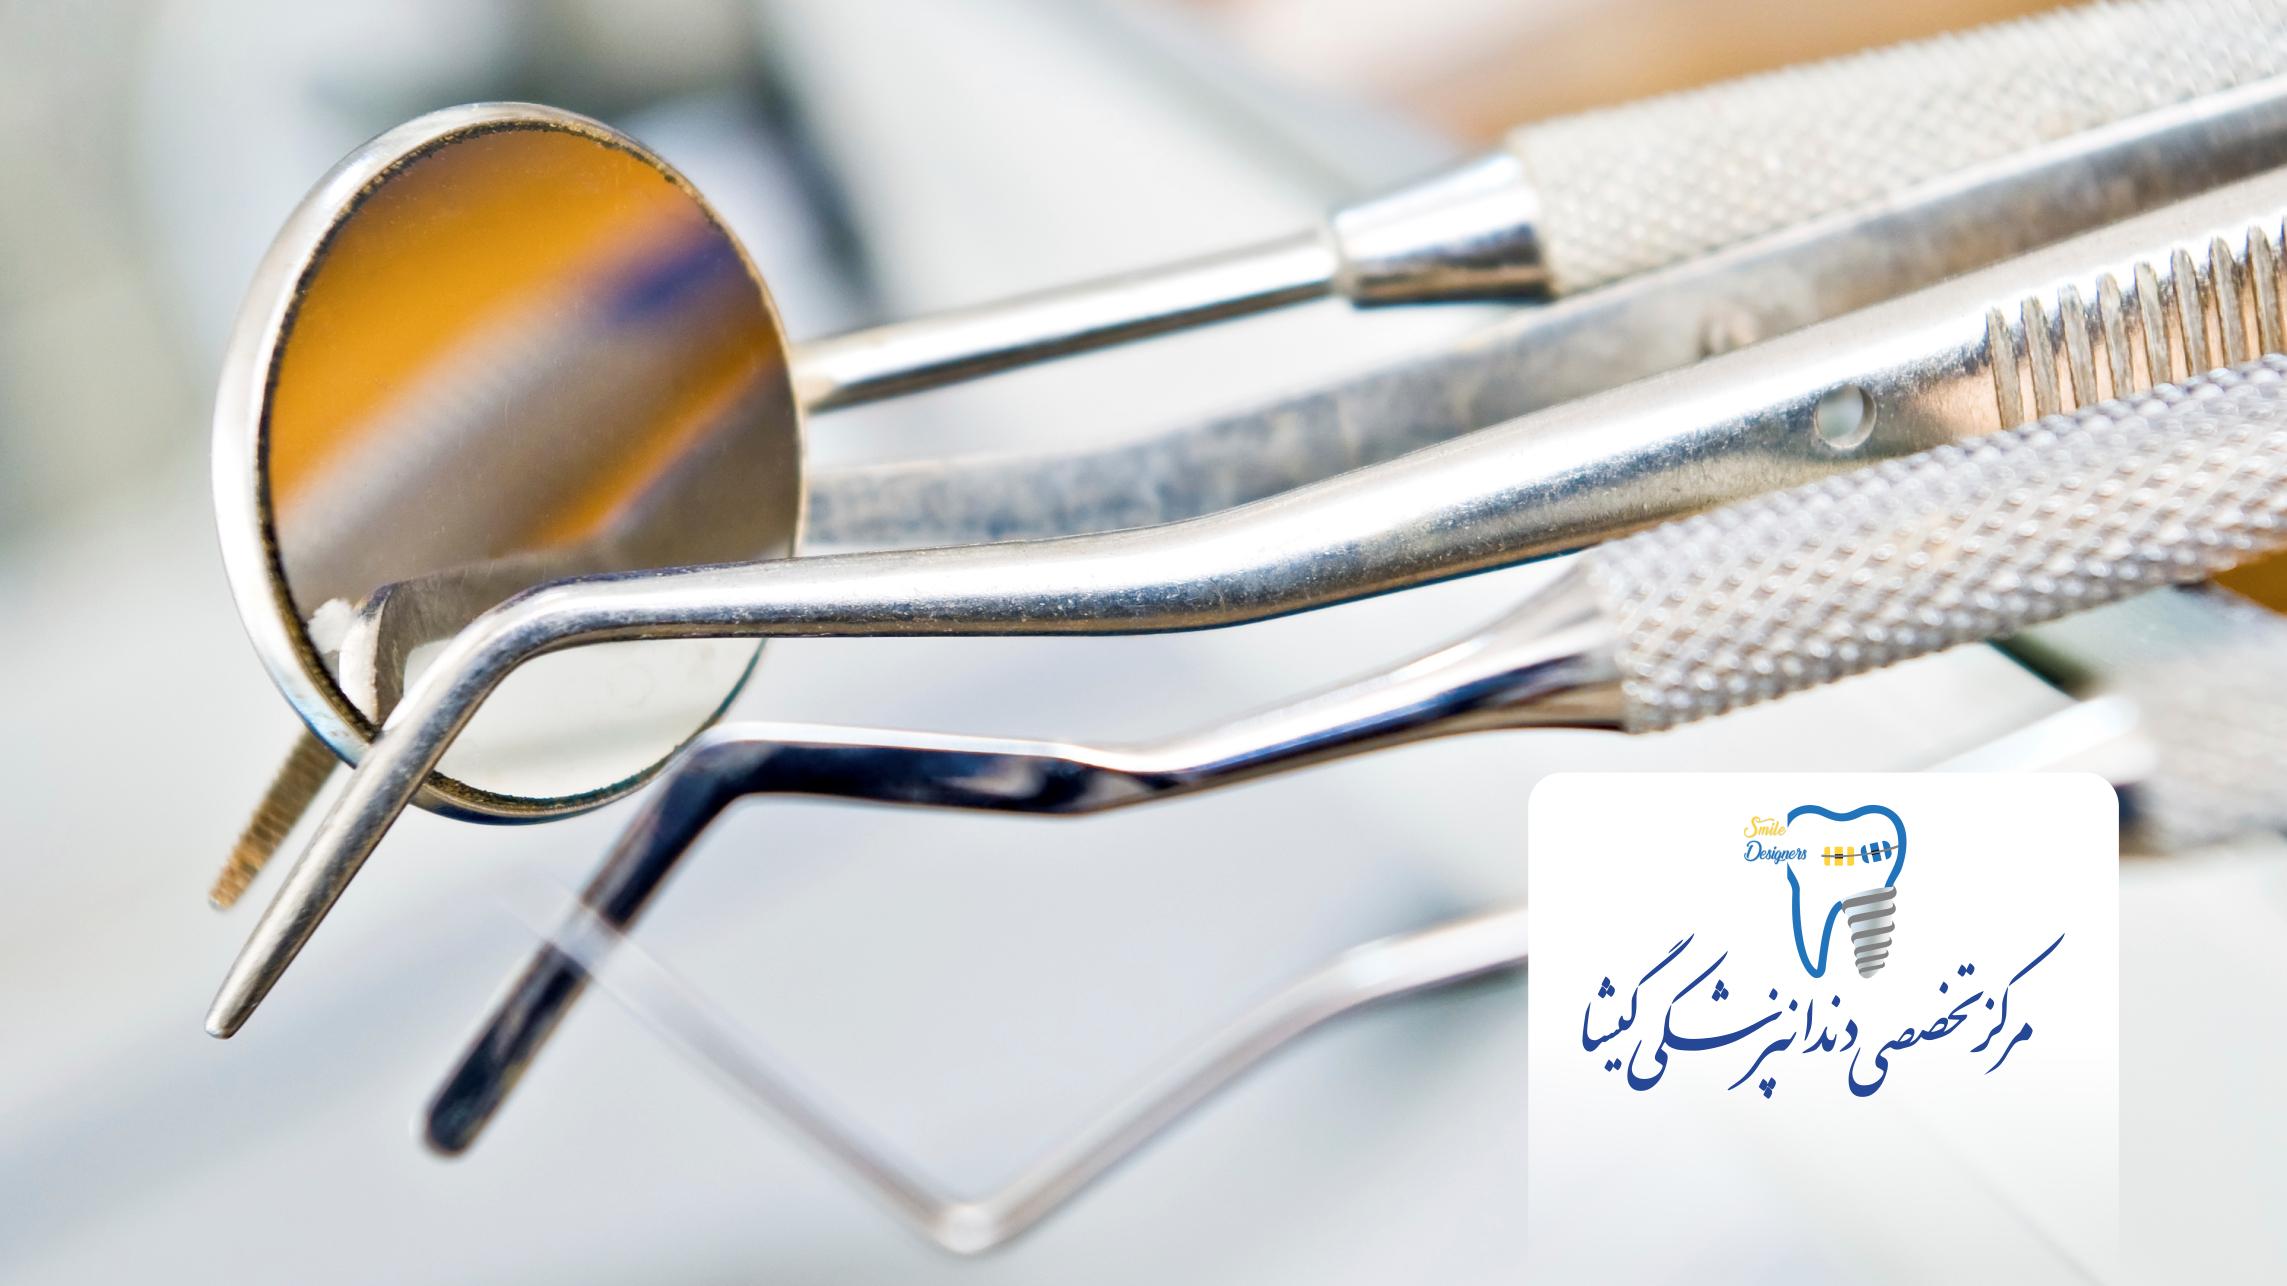 اهمیت مراجعه به موقع به دندانپزشک